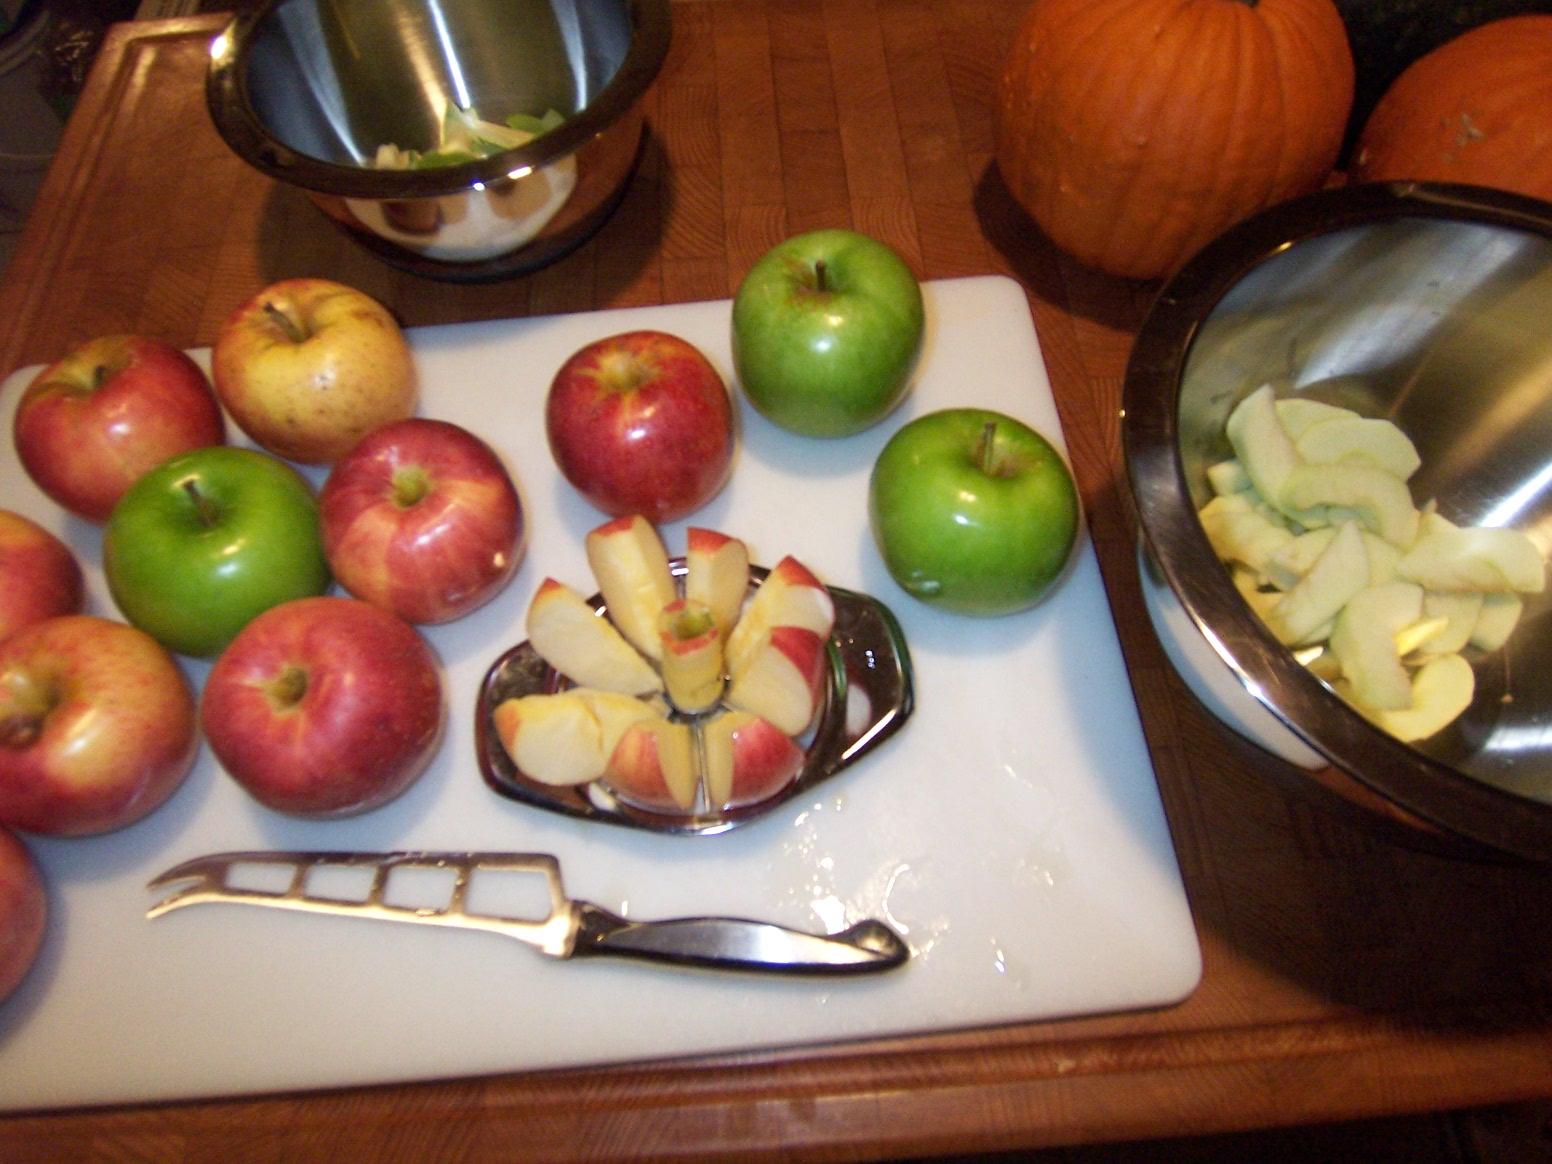 Homestead central back to basics making easy homemade apple cider vinegar - Practical uses for the apple peels ...